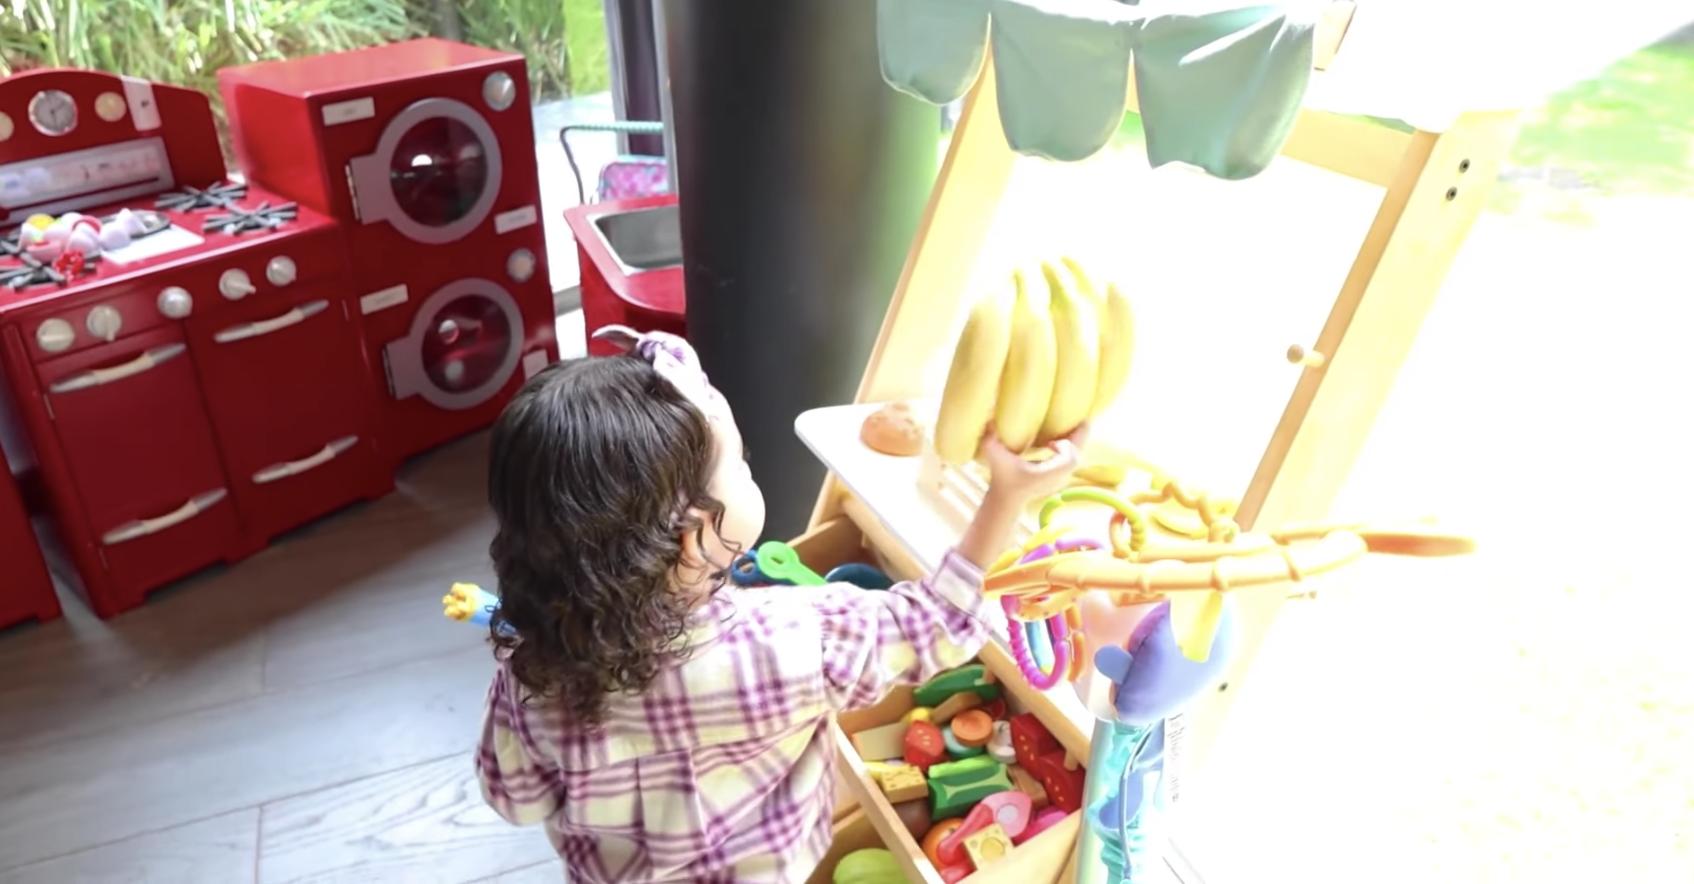 Al igual que su mami, la adorable Kima tiene una cocina súper completa con estufa, lavadora, secadora y ¡hasta una frutería! donde le 'cocina' a sus papis. ¡Qué linda!